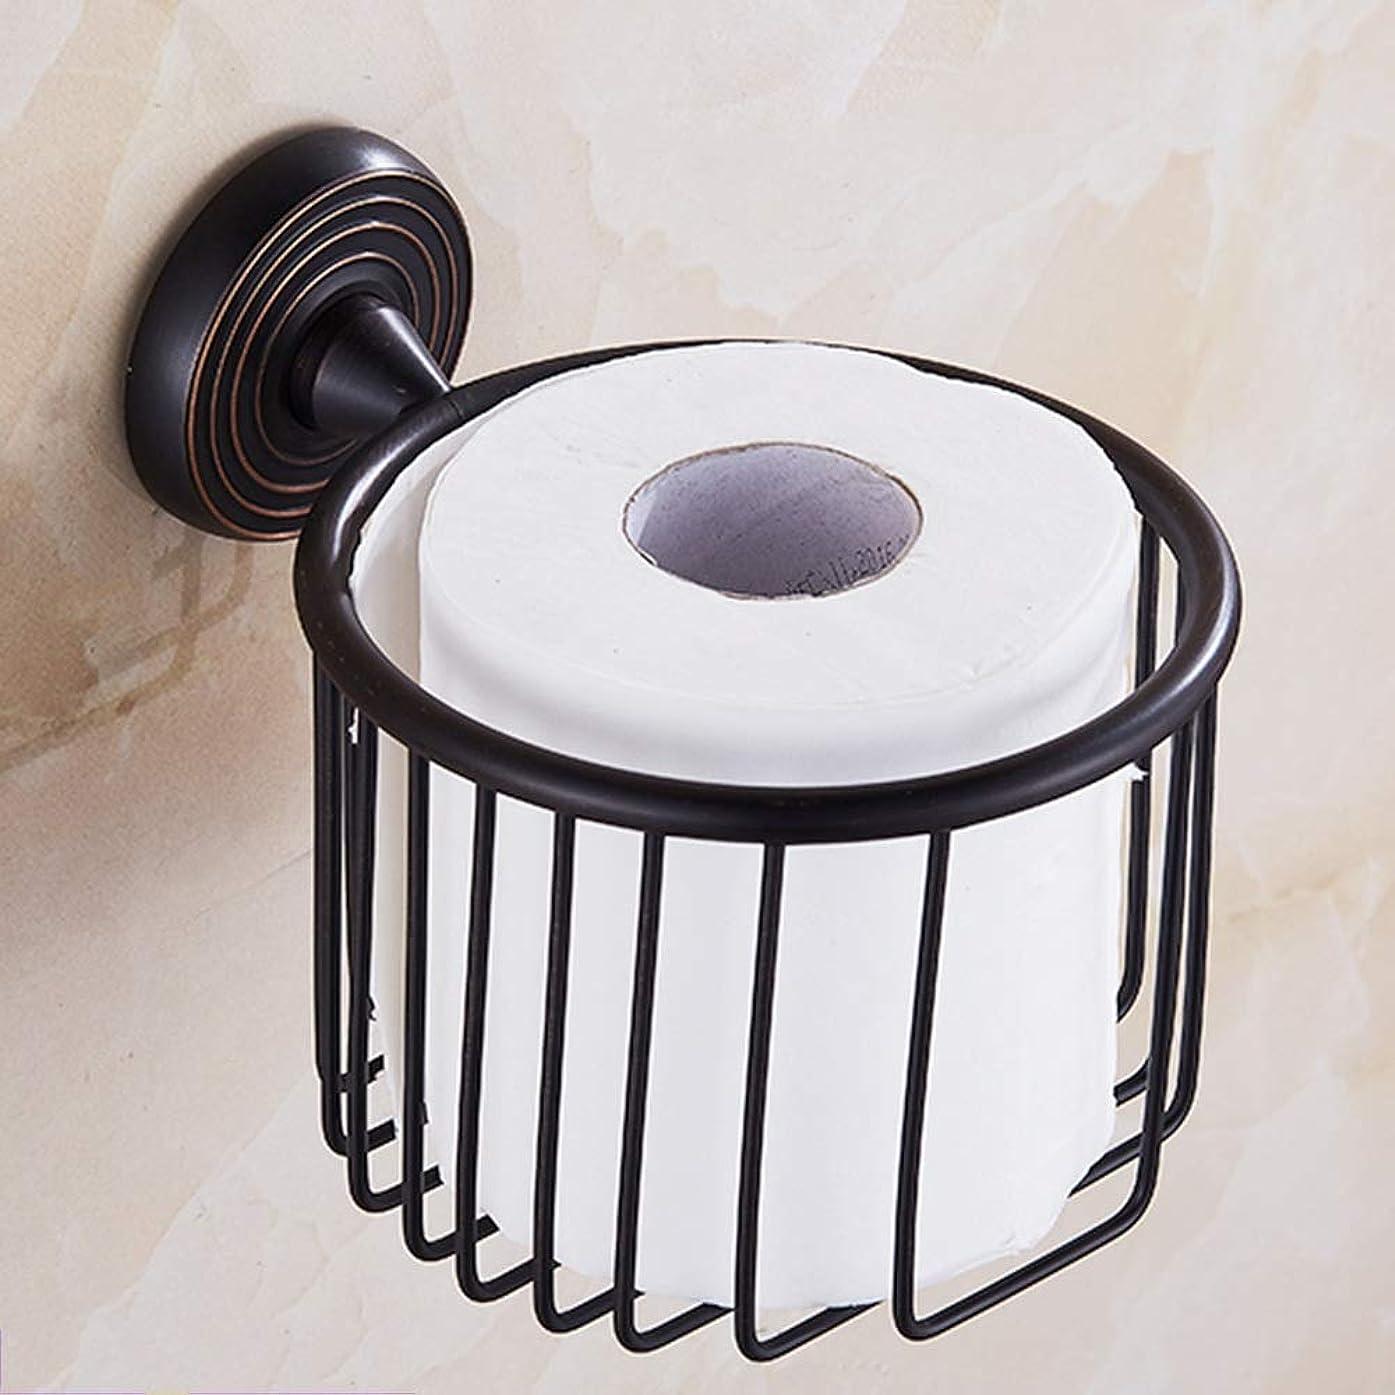 裂け目インフラ適性ZZLX 紙タオルホルダー、ヨーロッパスタイルのフル銅模倣アンティークペーパータオルロールペーパーホルダー ロングハンドル風呂ブラシ (色 : B)